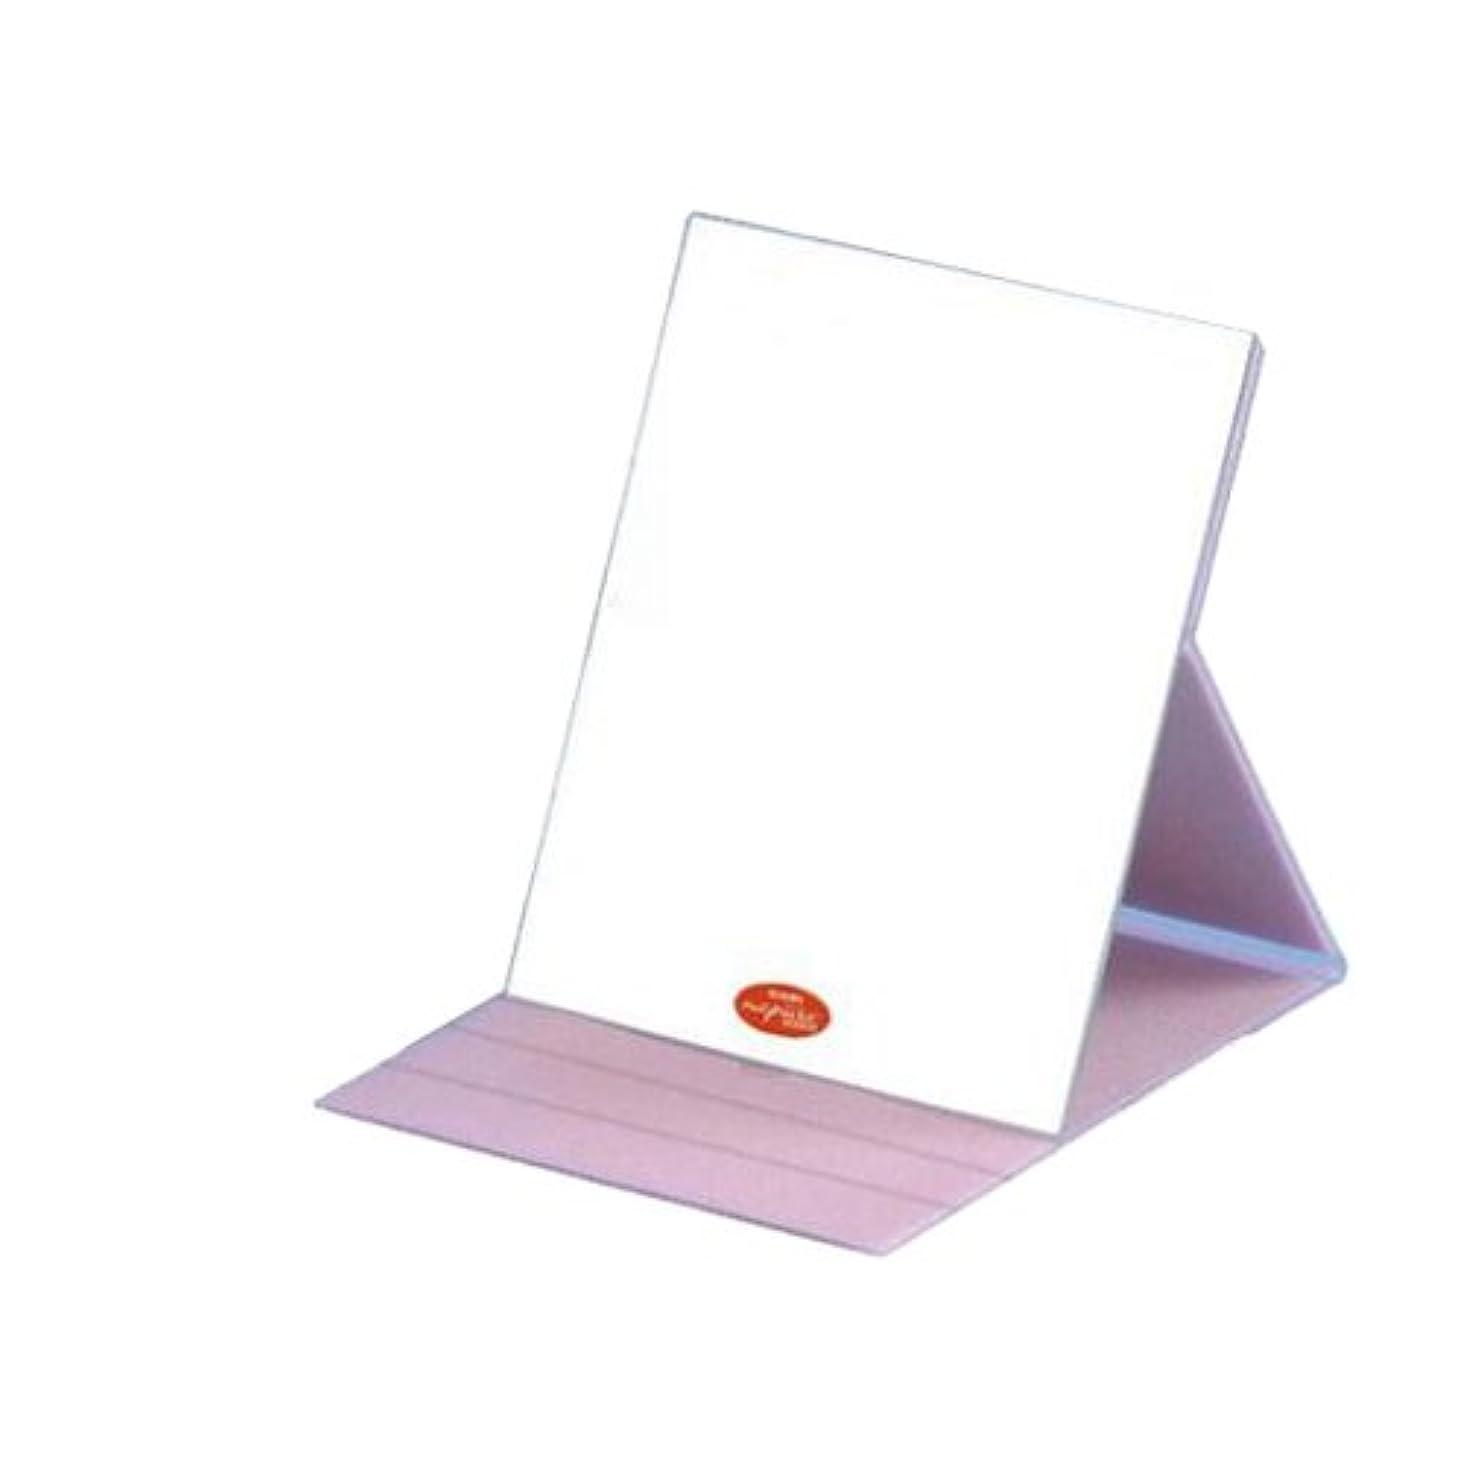 のぞき見フォアマン具体的にHP-61 ナピュア プロモデル角度調整3段階付き折立ミラー エコ・ピンク(L)